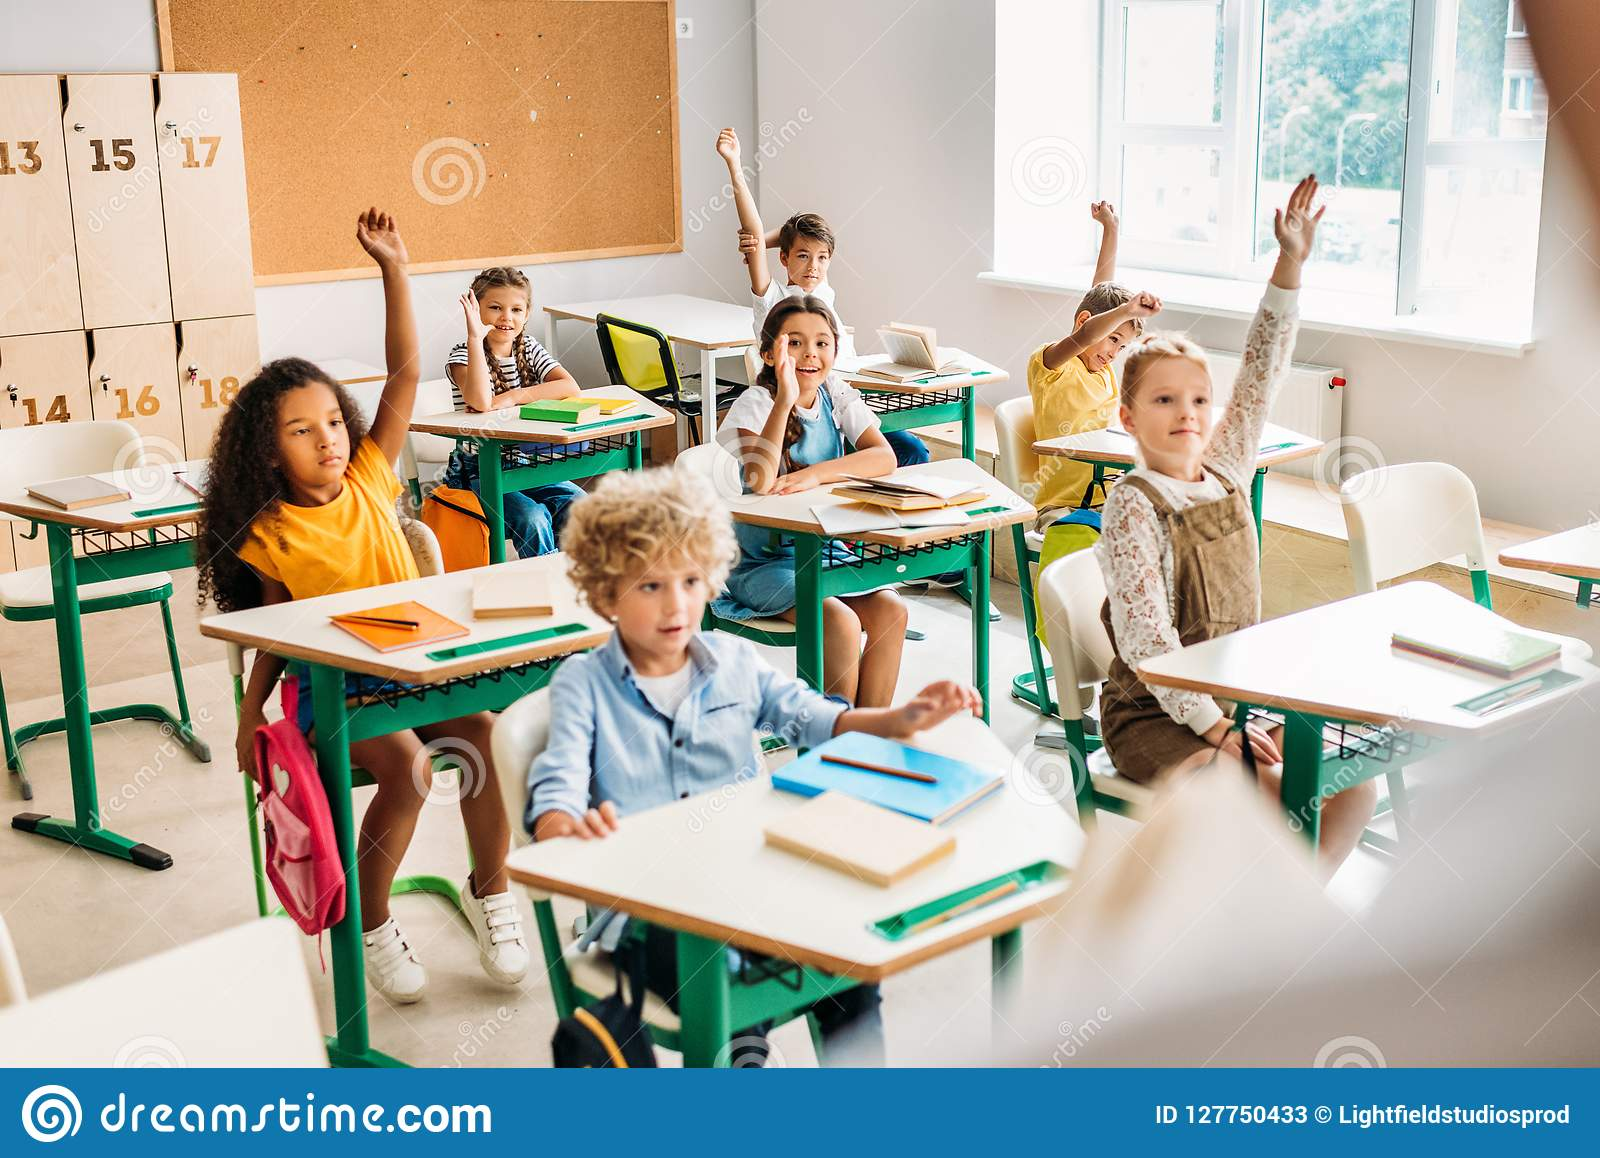 Grupo de alumnos que aumentan las manos para contestar a la pregunta durante la lección